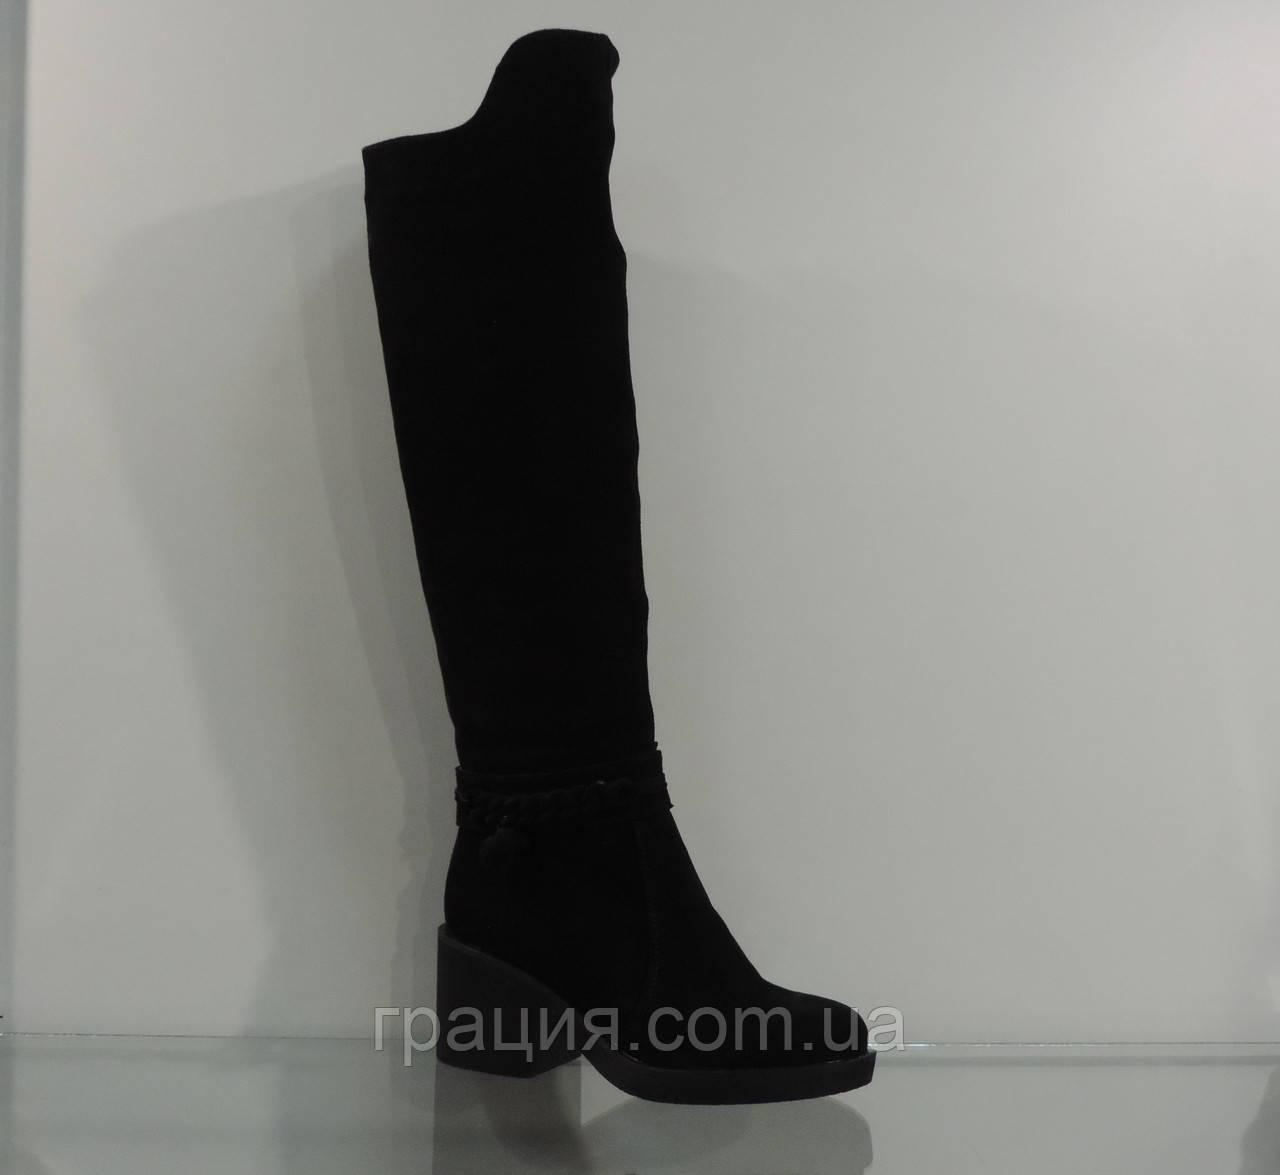 Високі зимові жіночі замшеві чоботи на середньому каблуці на повну ногу